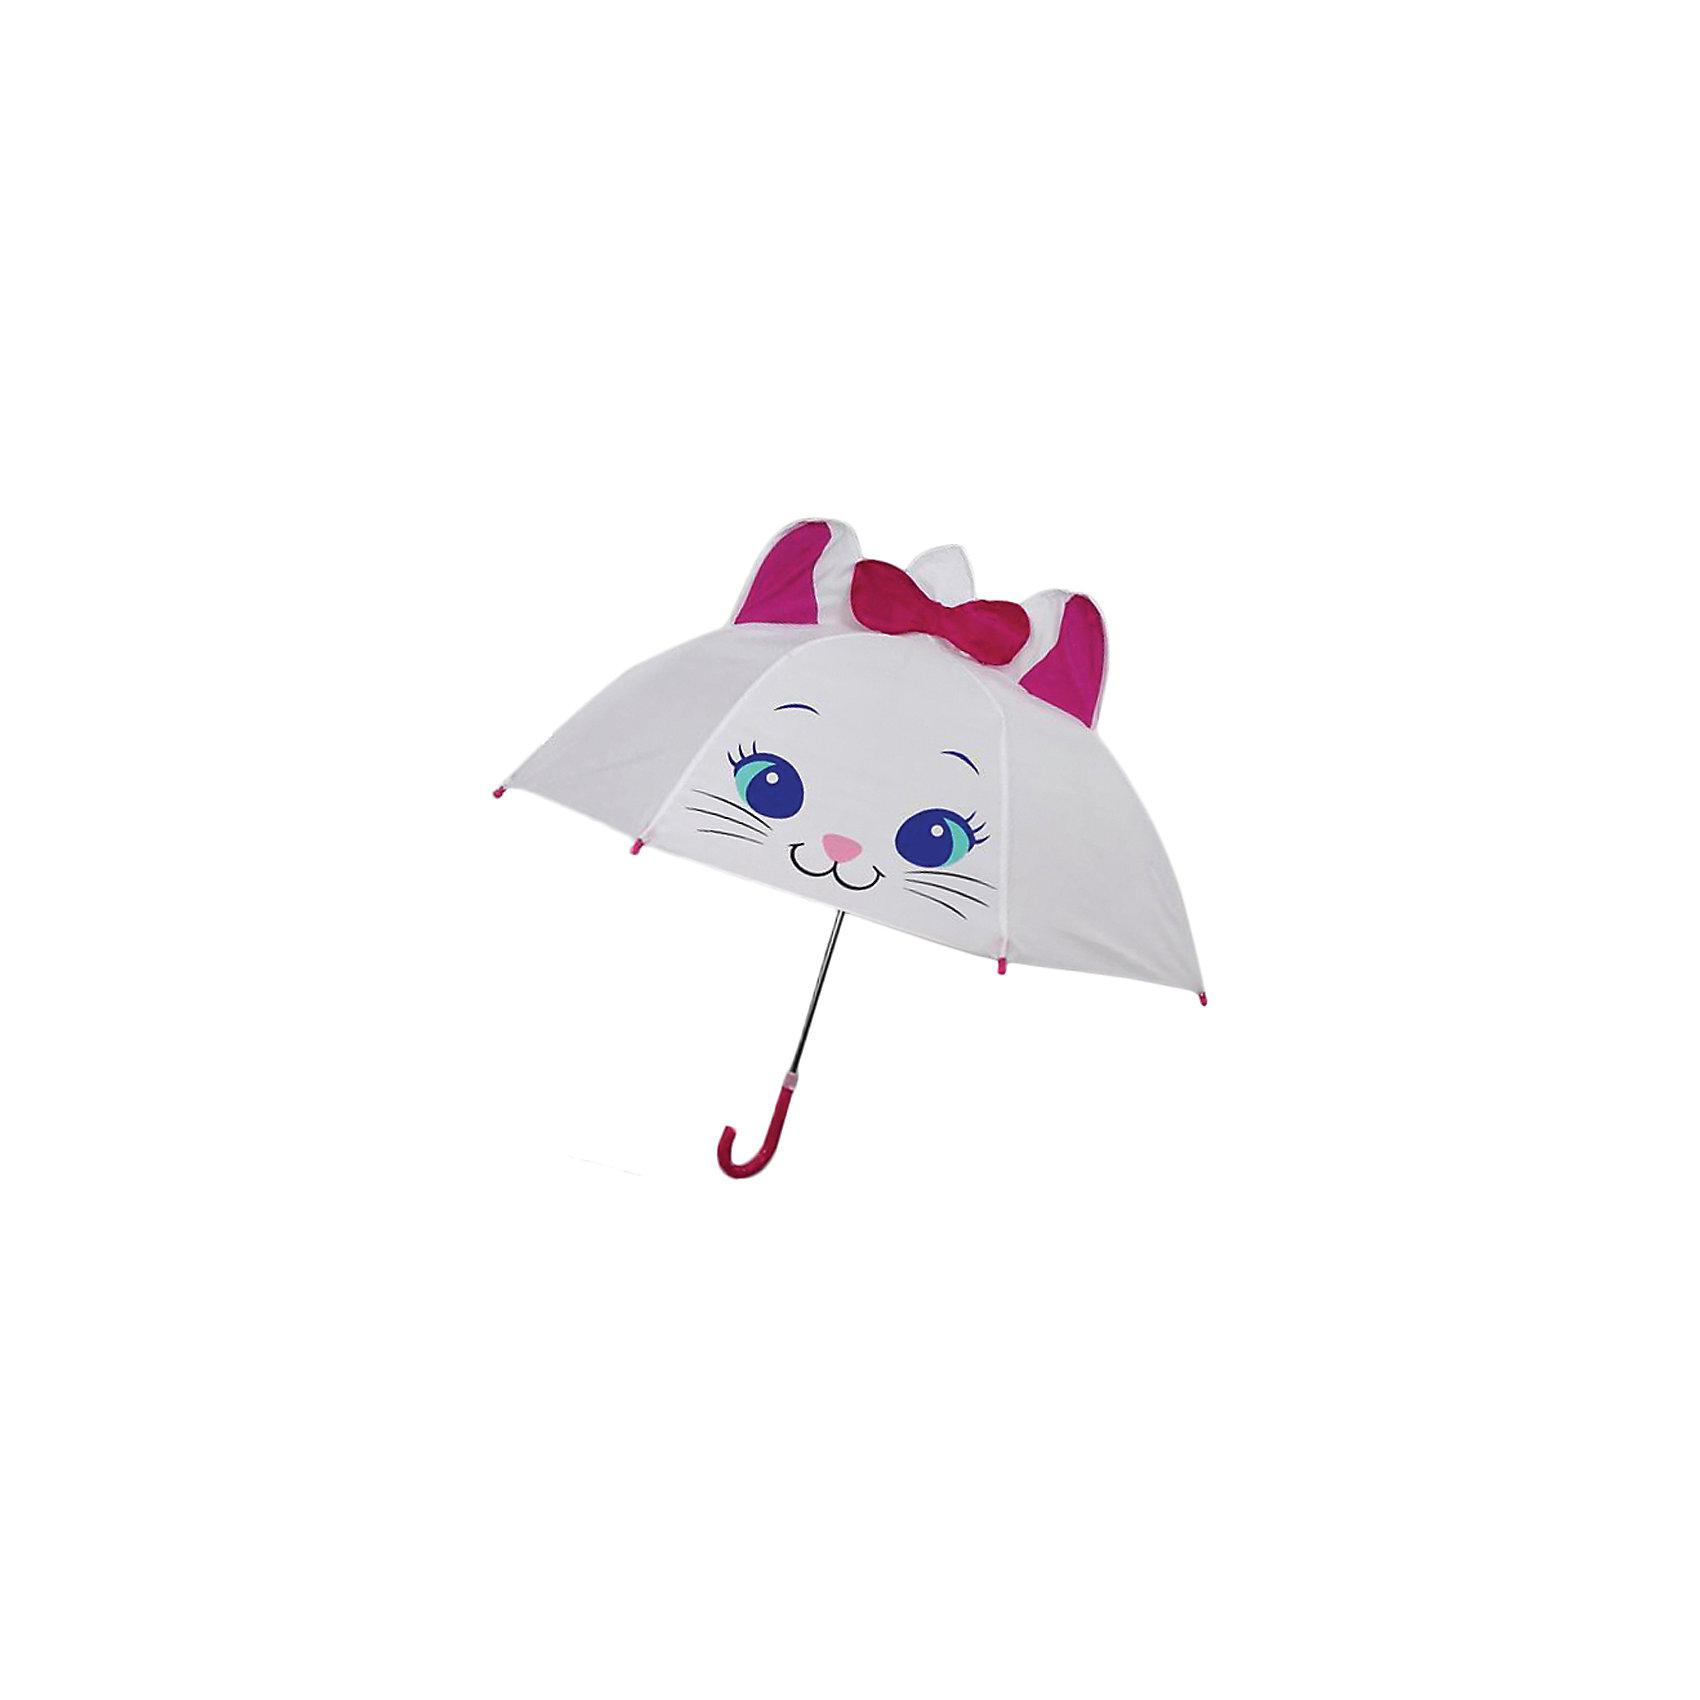 Зонт детский Киска, 46см.Детский зонтик-тросточка Киска защитит ребенка от непогоды, потому что не боится дождя и ветра благодаря прочному креплению купола к каркасу. Изогнутая ручка позволяет крепко держать зонт в руках. Технические характеристики: Механическая система складывания; Концы спиц закрыты пластиковыми шариками; Пластиковый фиксатор на стержне зонтика; Радиус купола - 46 см.<br><br>Ширина мм: 580<br>Глубина мм: 600<br>Высота мм: 800<br>Вес г: 250<br>Возраст от месяцев: 36<br>Возраст до месяцев: 2147483647<br>Пол: Женский<br>Возраст: Детский<br>SKU: 5508511